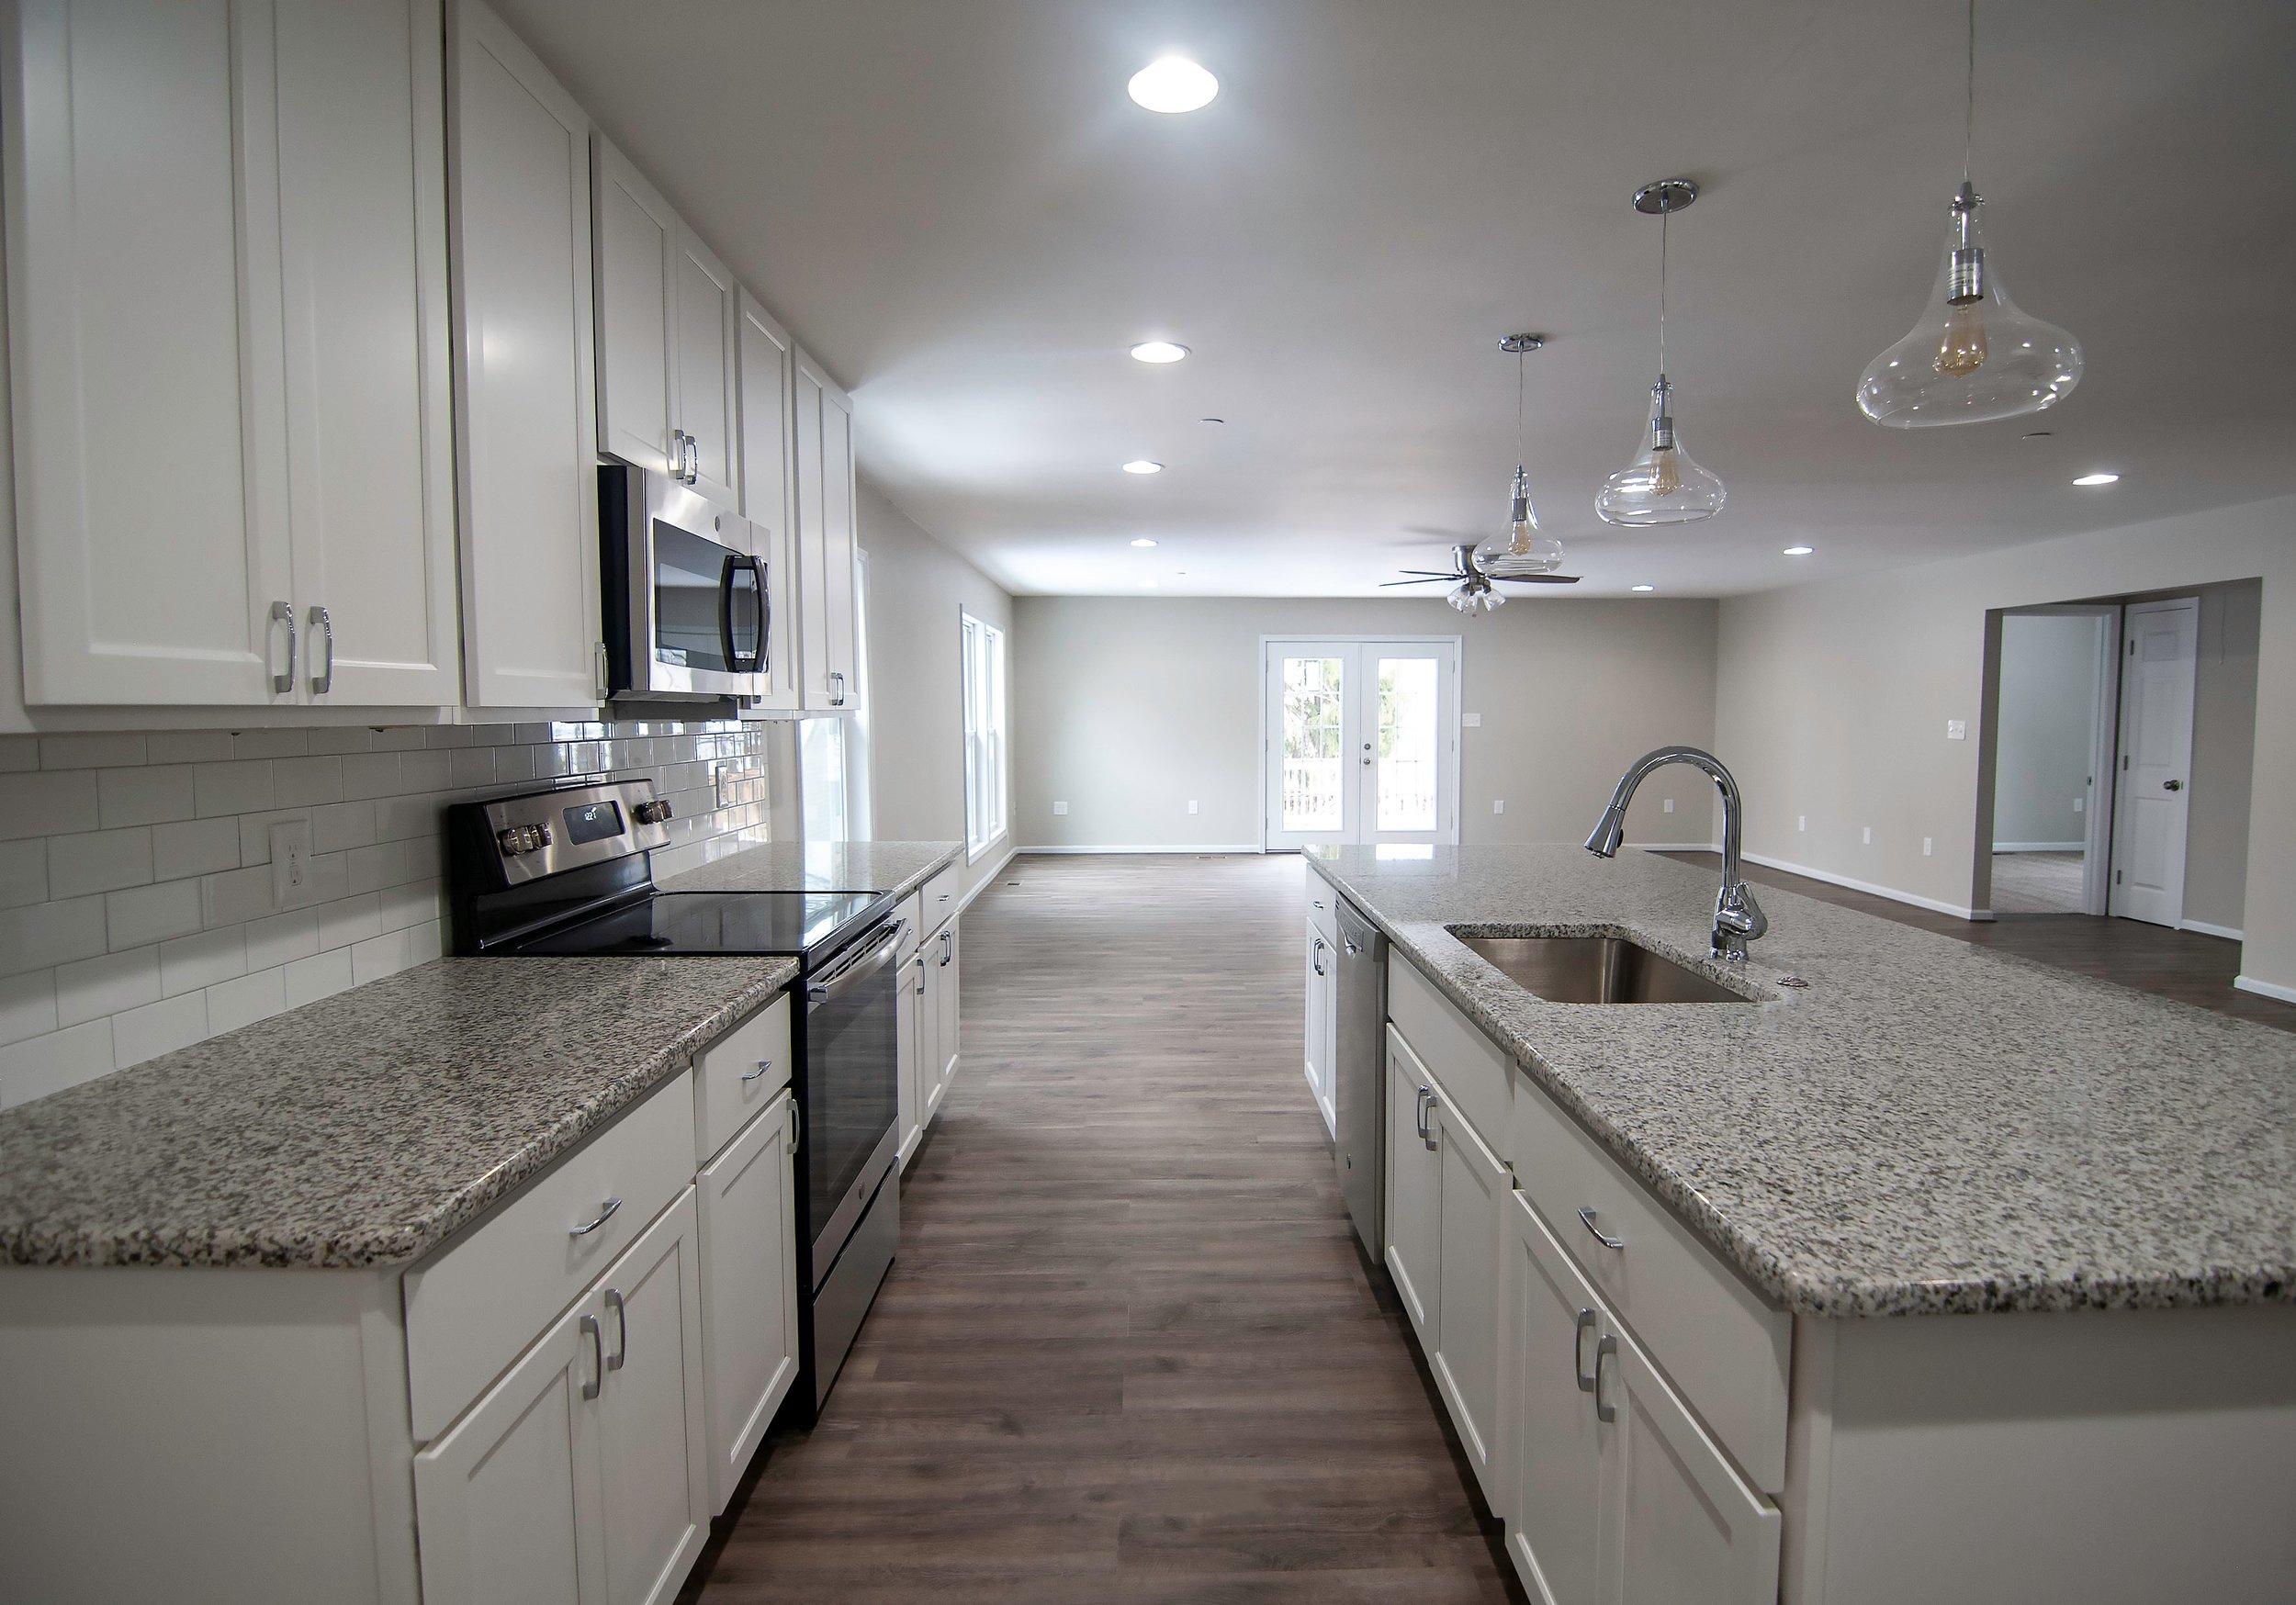 homeland kitchen across counter 4.jpg